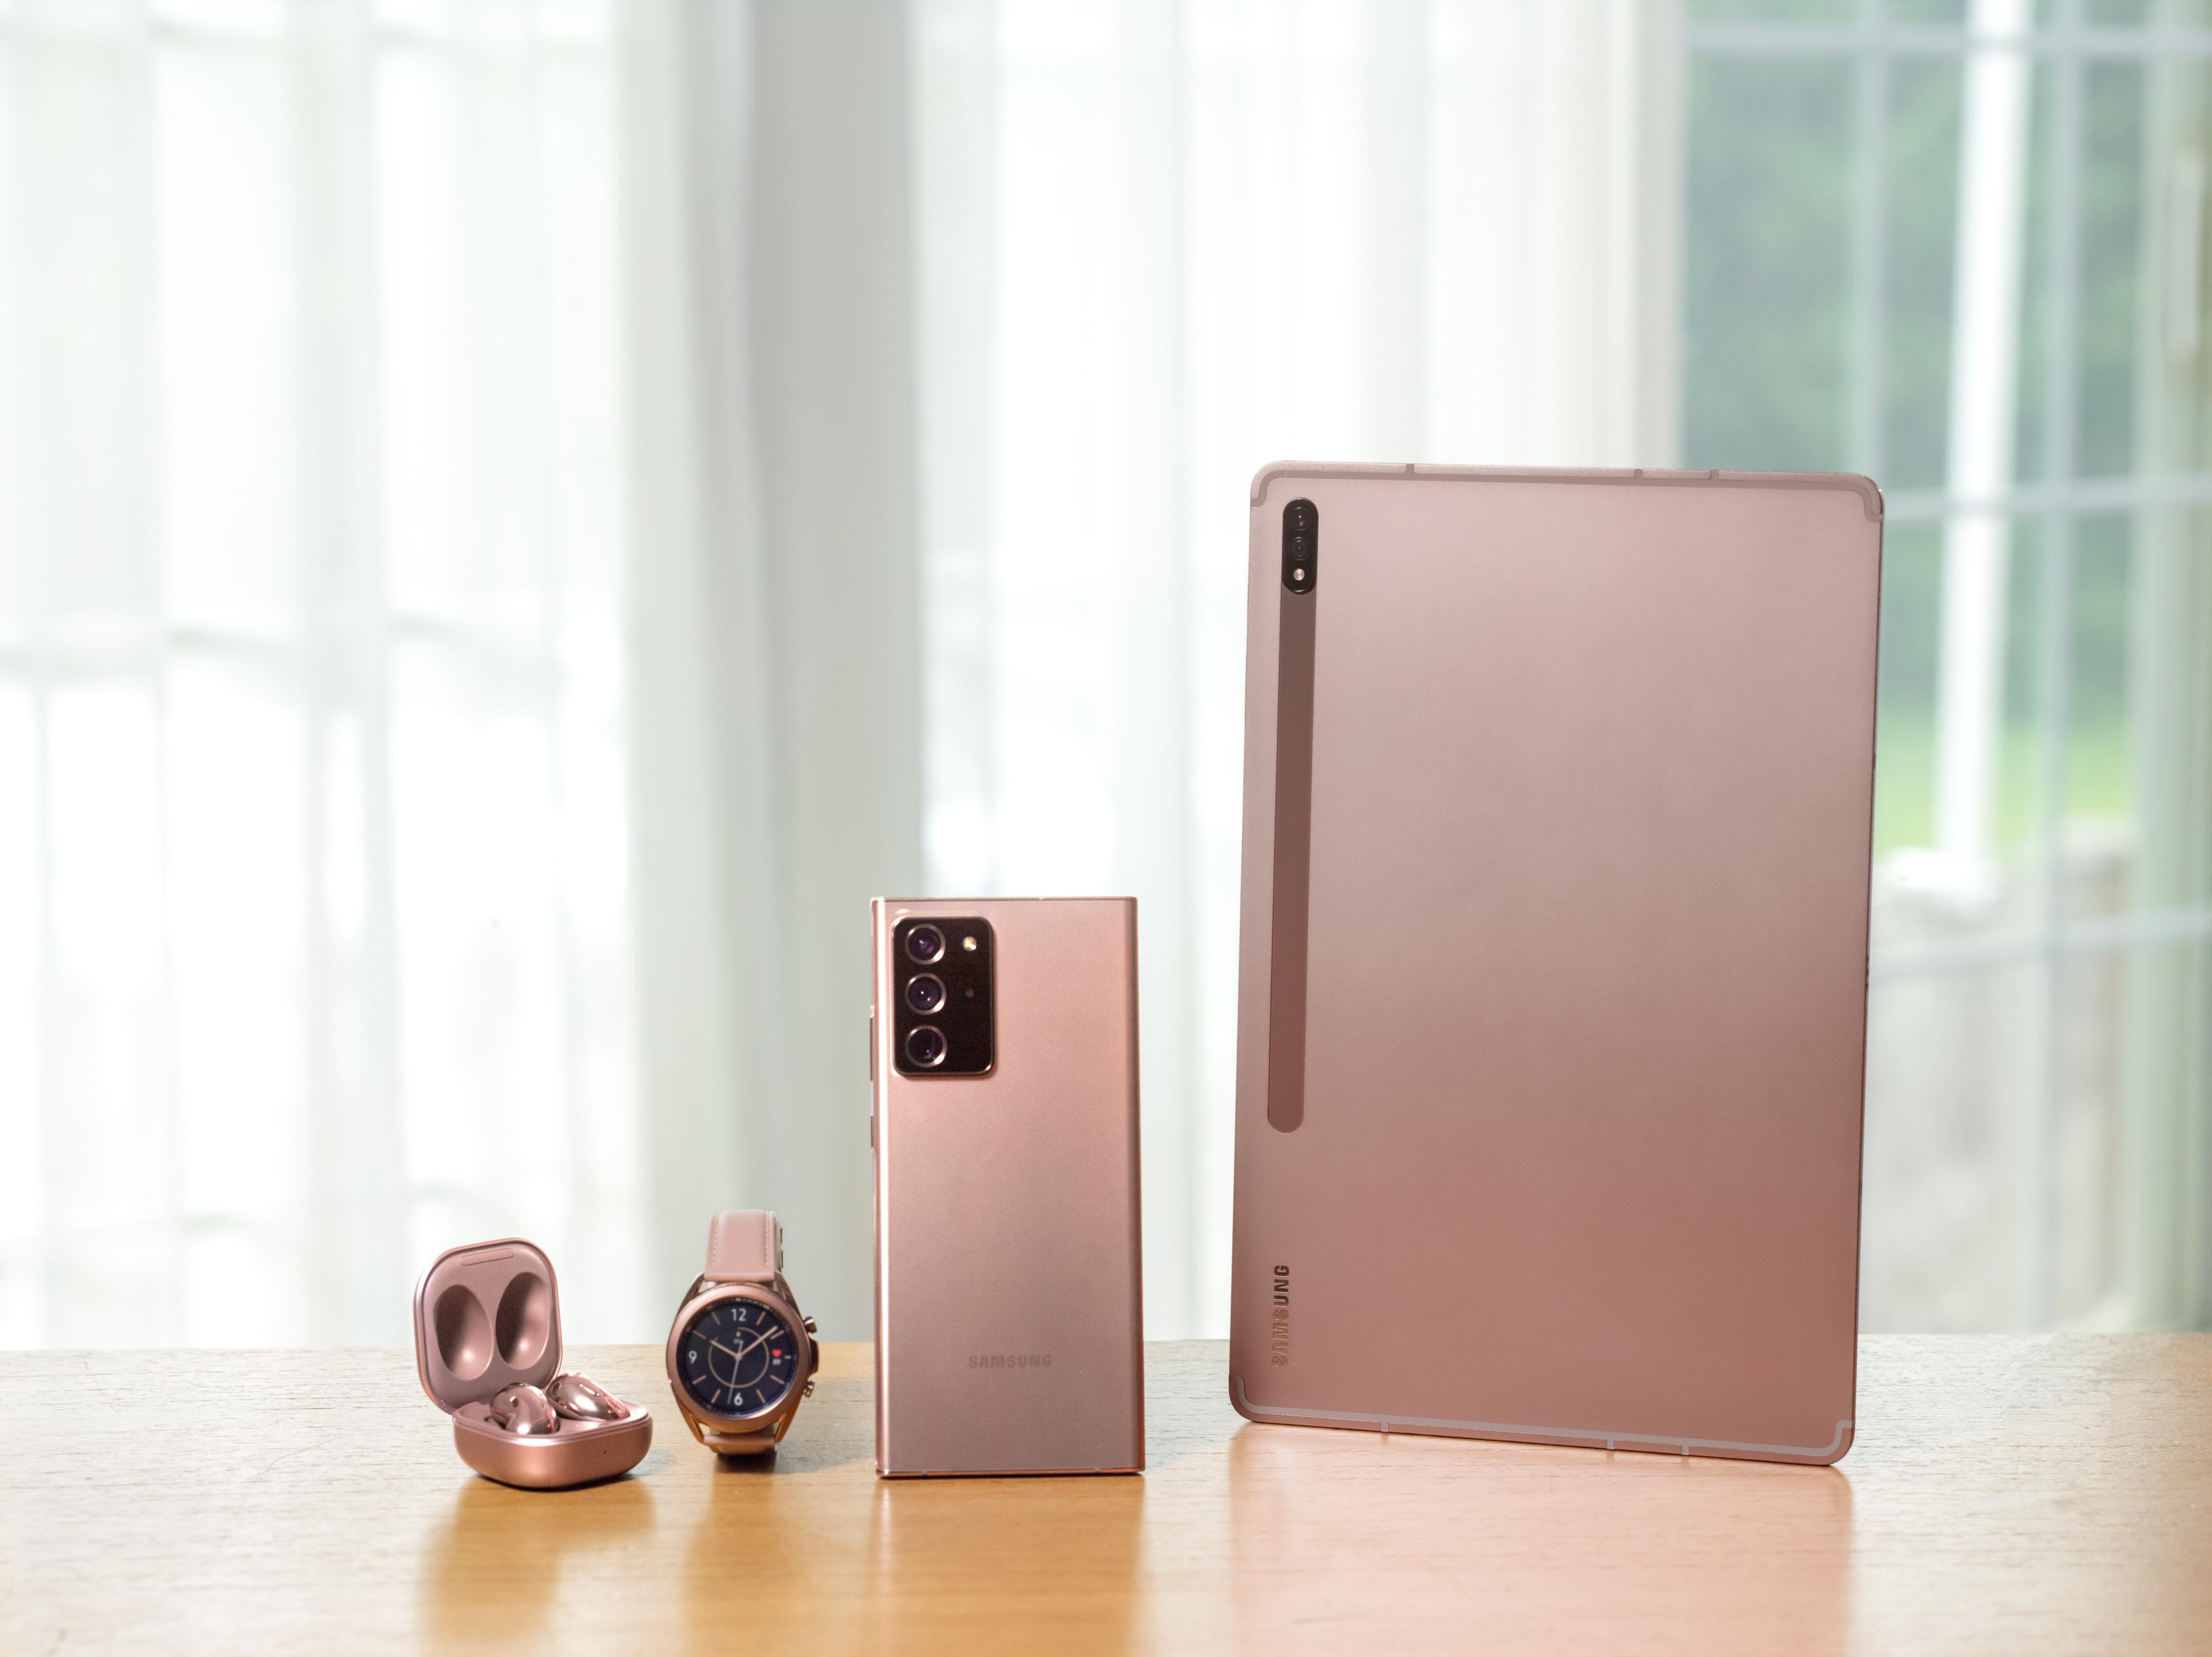 Samsung bo obiskovalce dogodka popeljal v Samsung galaktični svet.